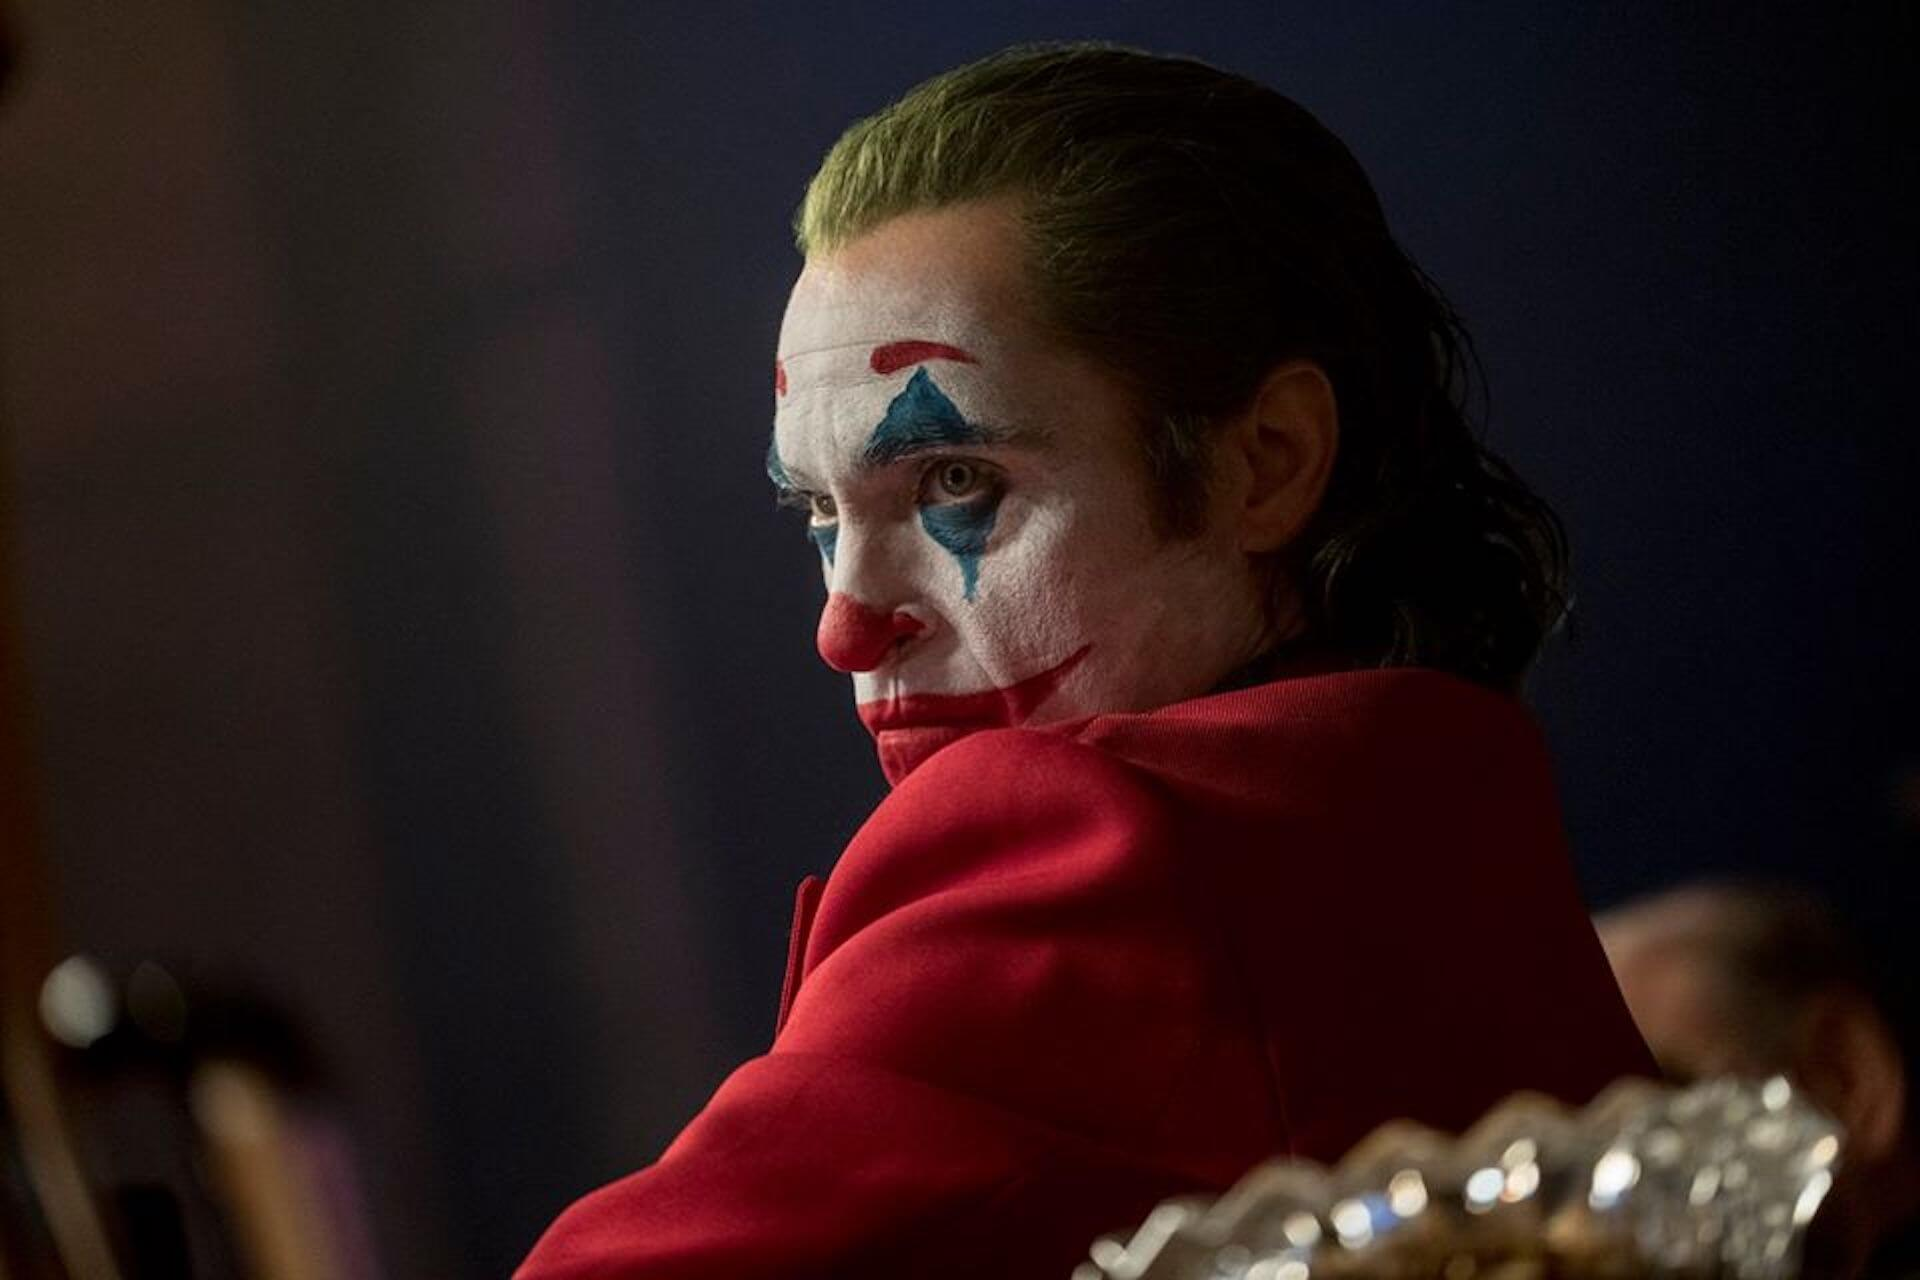 映画『ジョーカー』は映画「バットマン」シリーズにも登場したあのアイテムが使用されていた!? film200130_joker_main